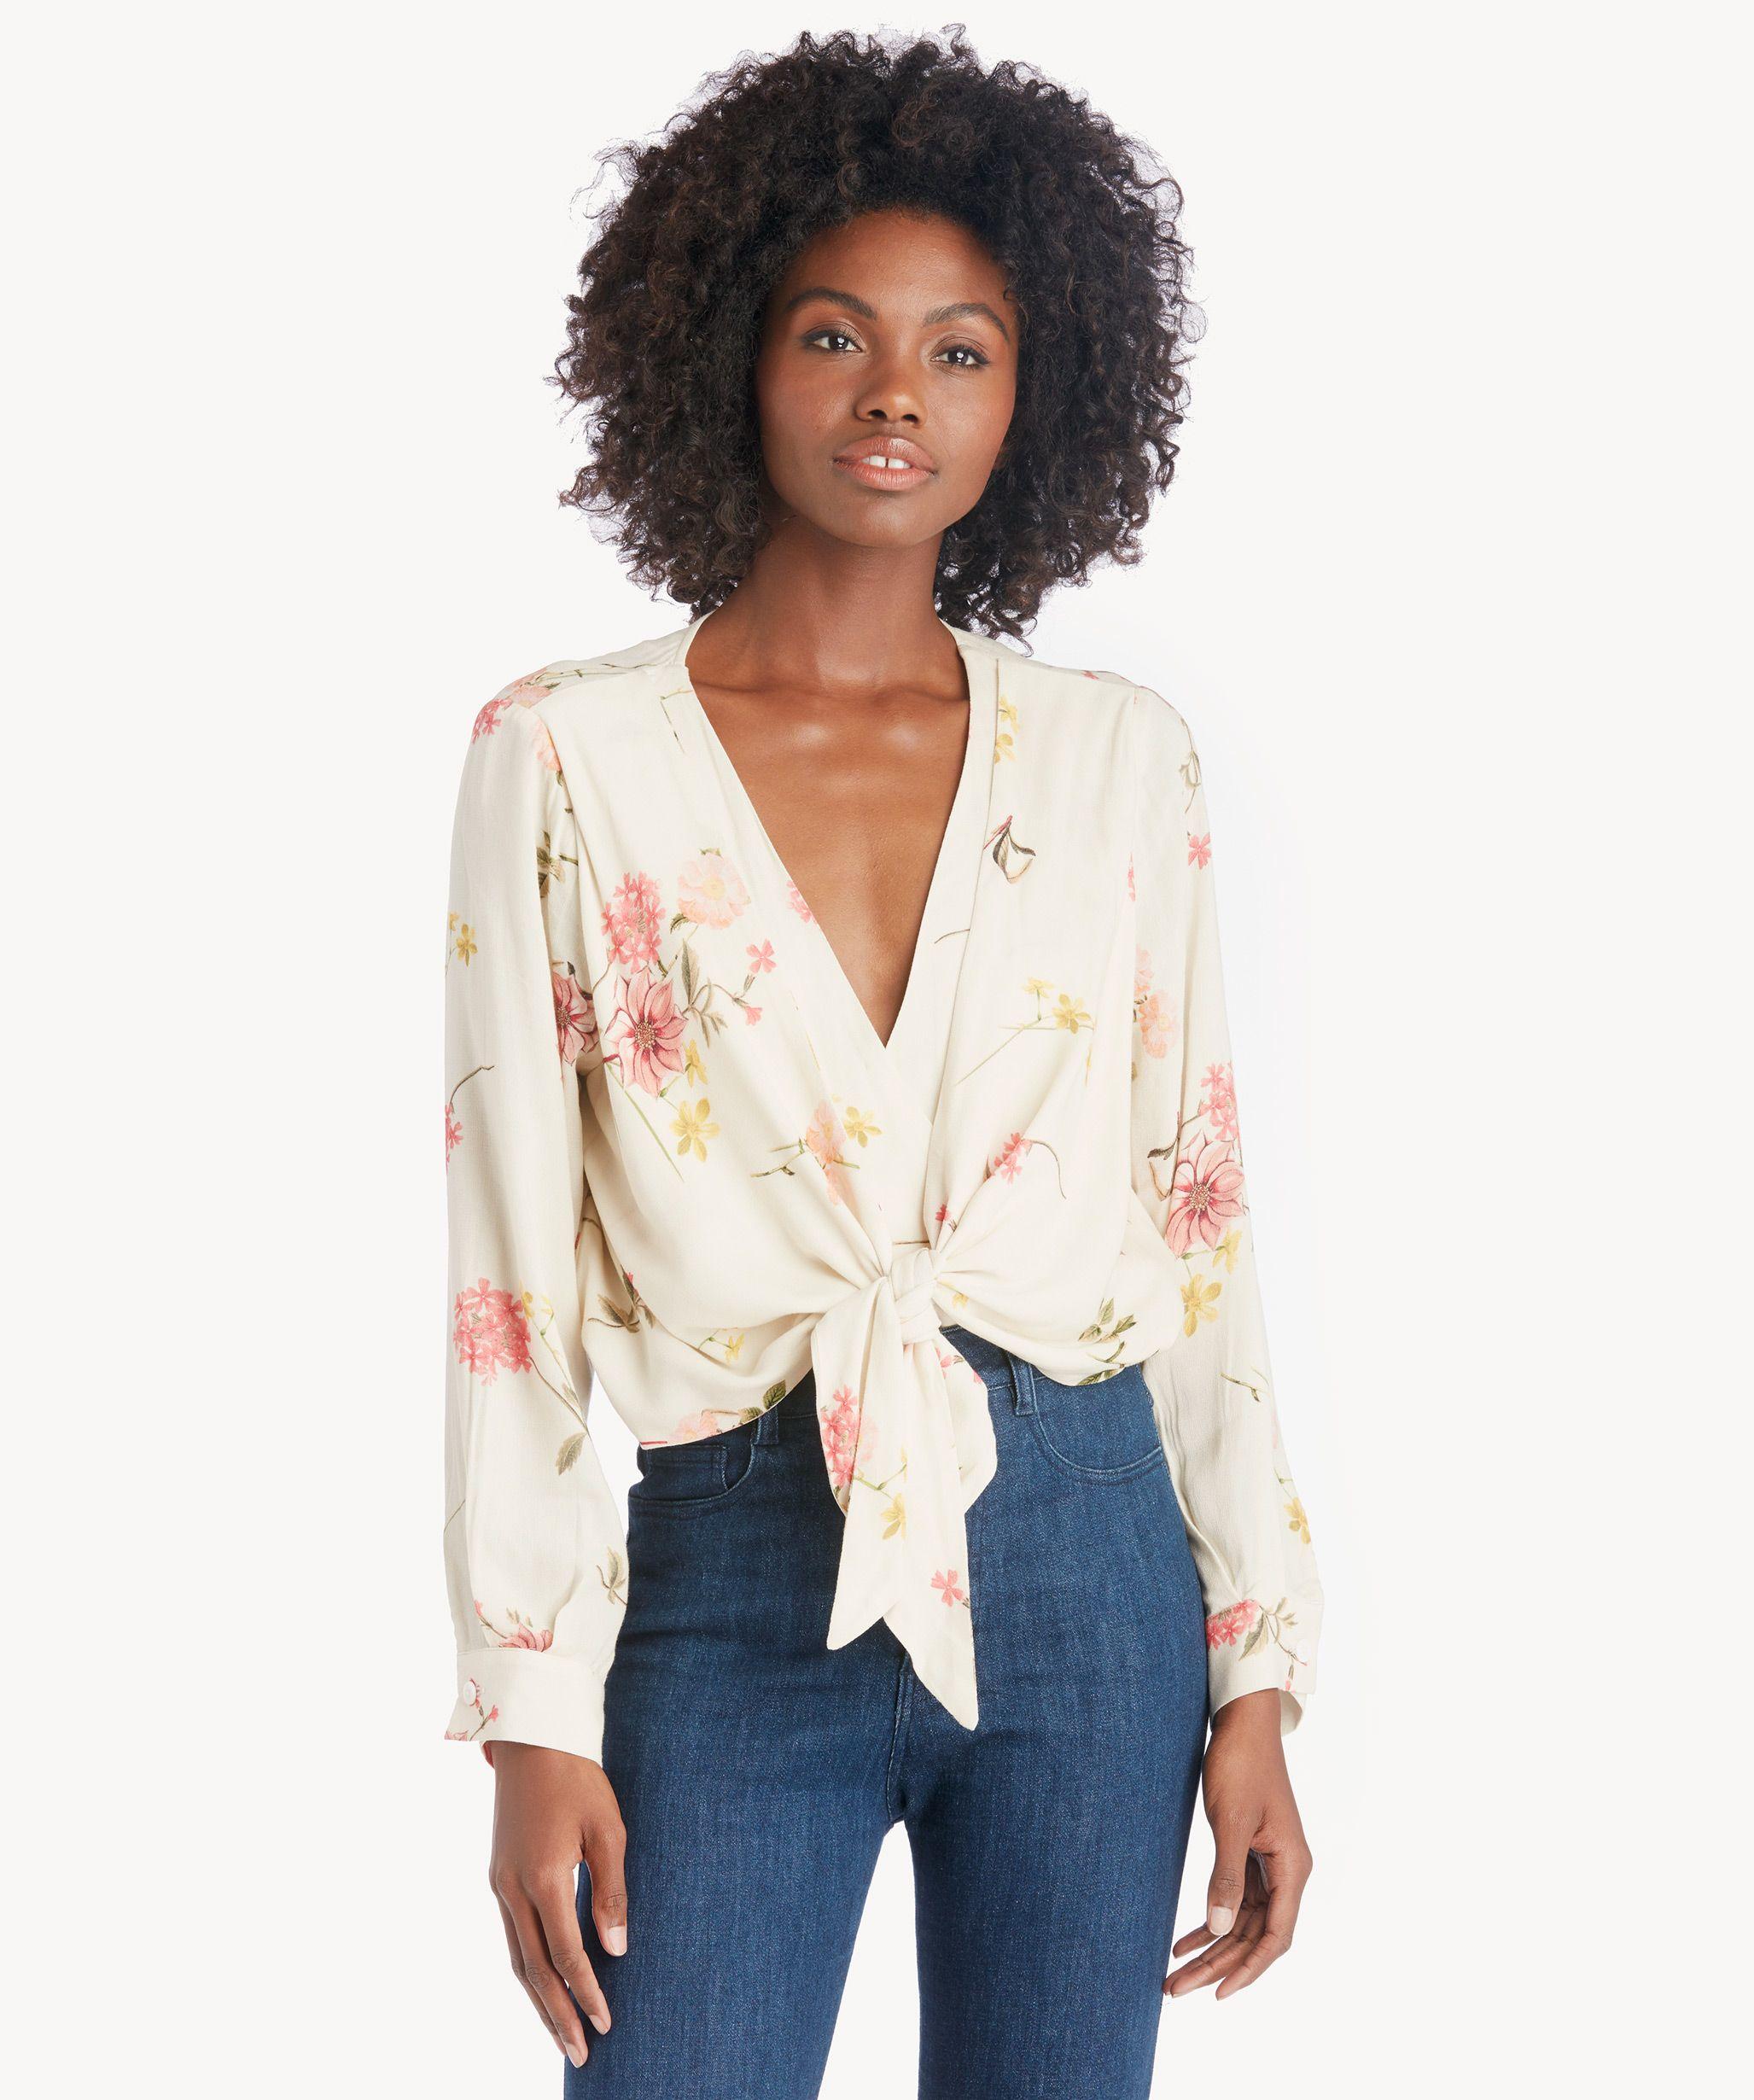 Capulet Women s Daria Bodysuit In Color  Cream Floral  fcb659d348